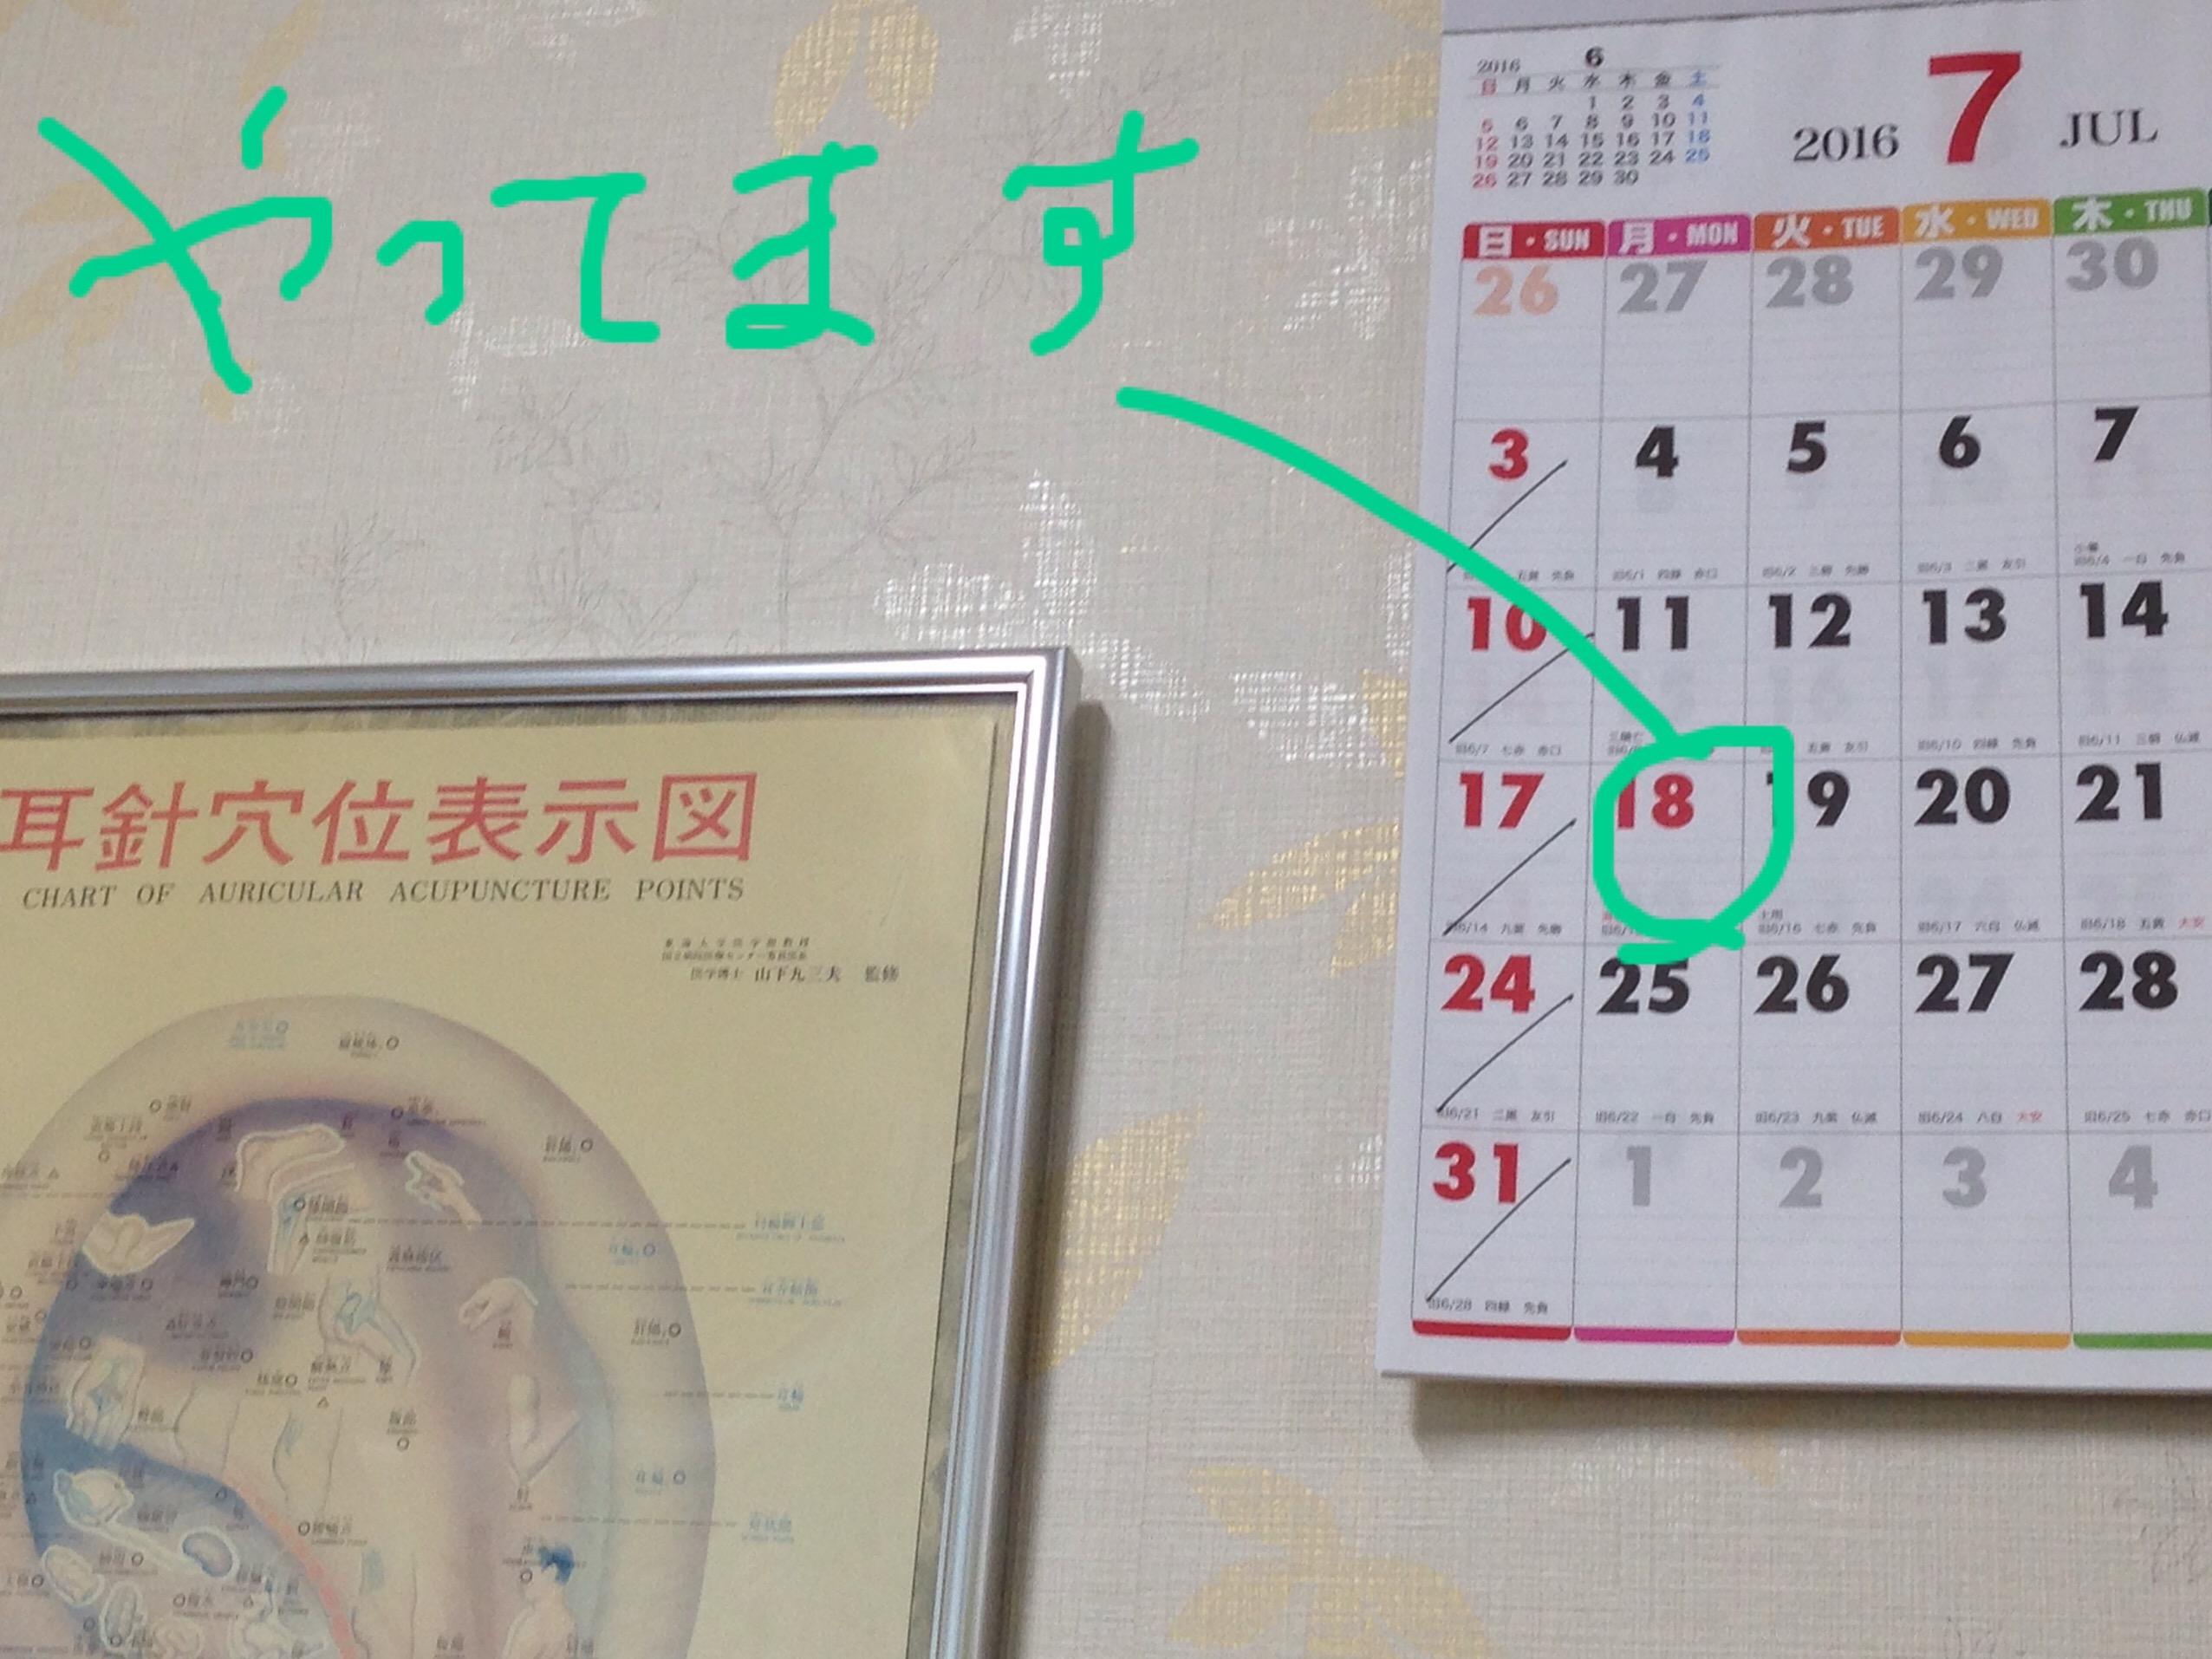 天王寺、藤井寺のダイエット専門鍼灸院 7月18日(海の日)開院しています。